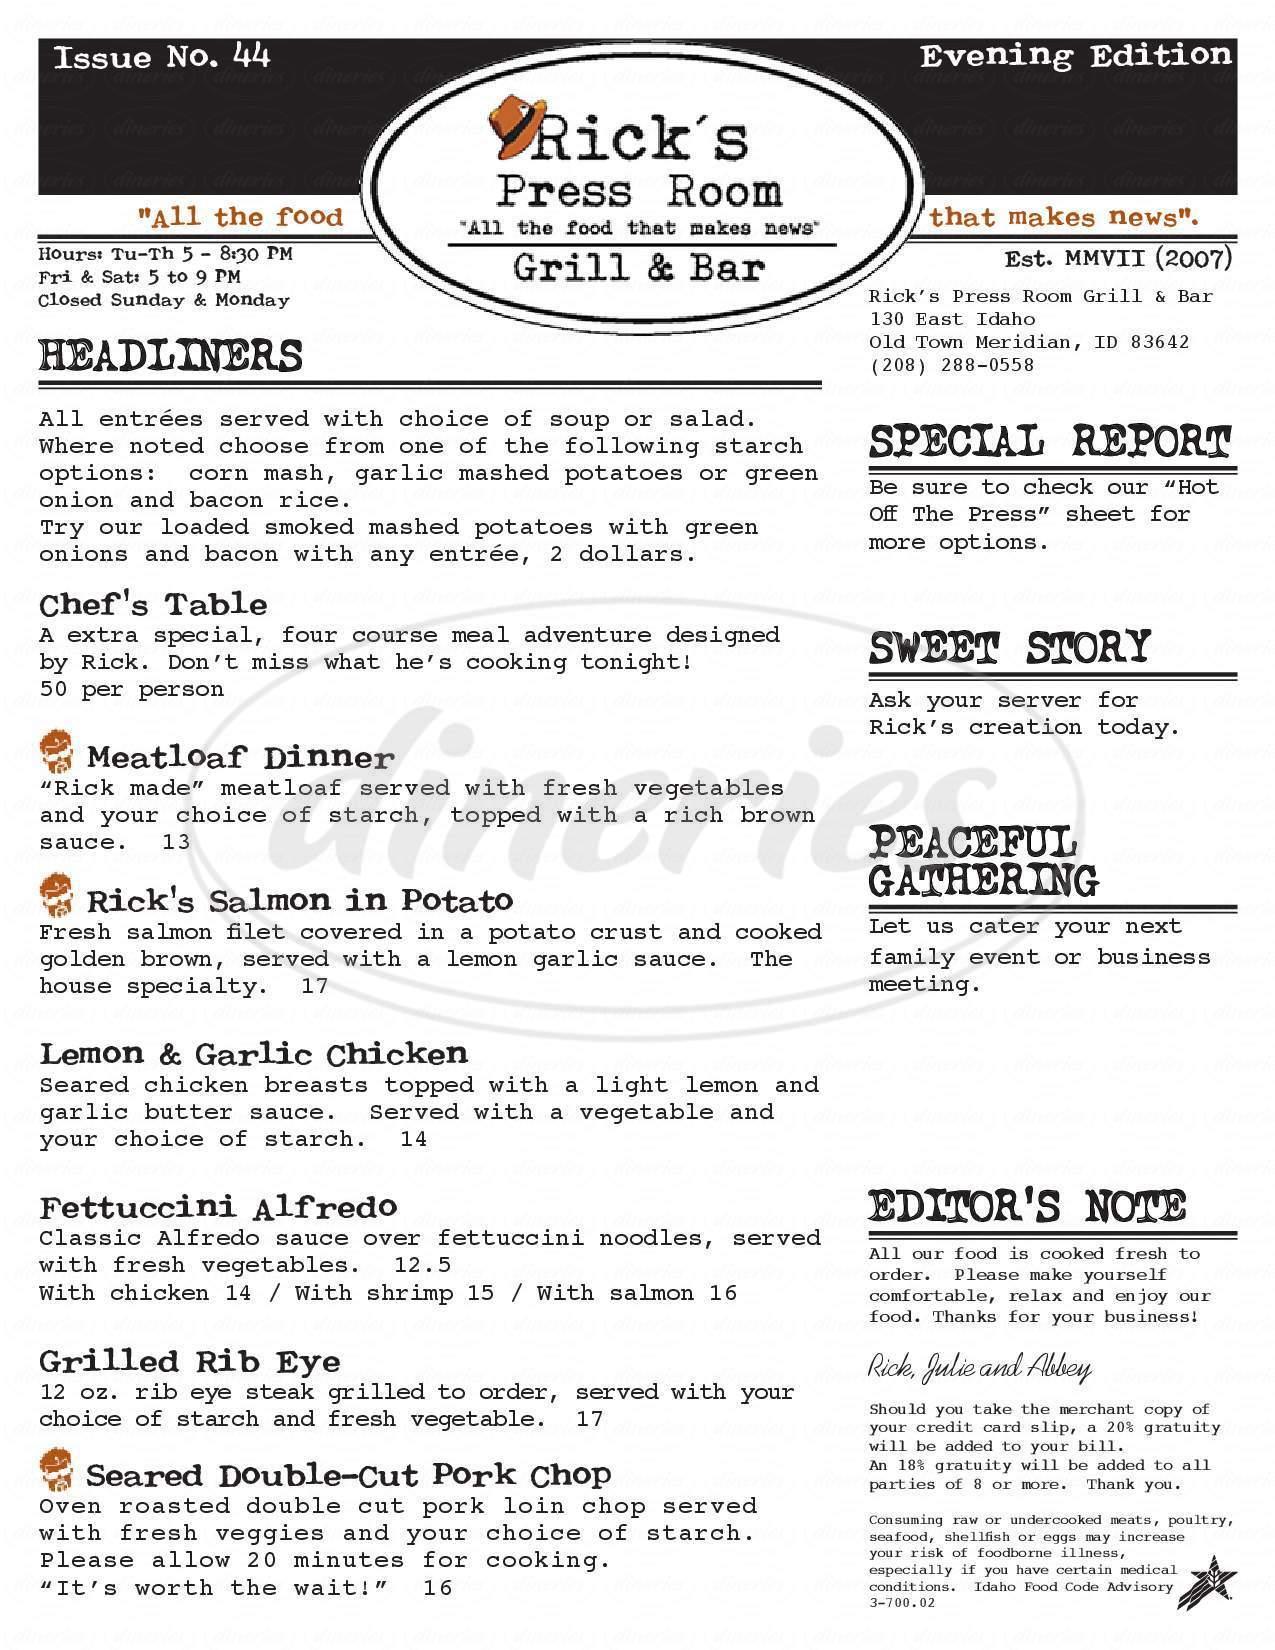 menu for Rick's Press Room Grill & Bar